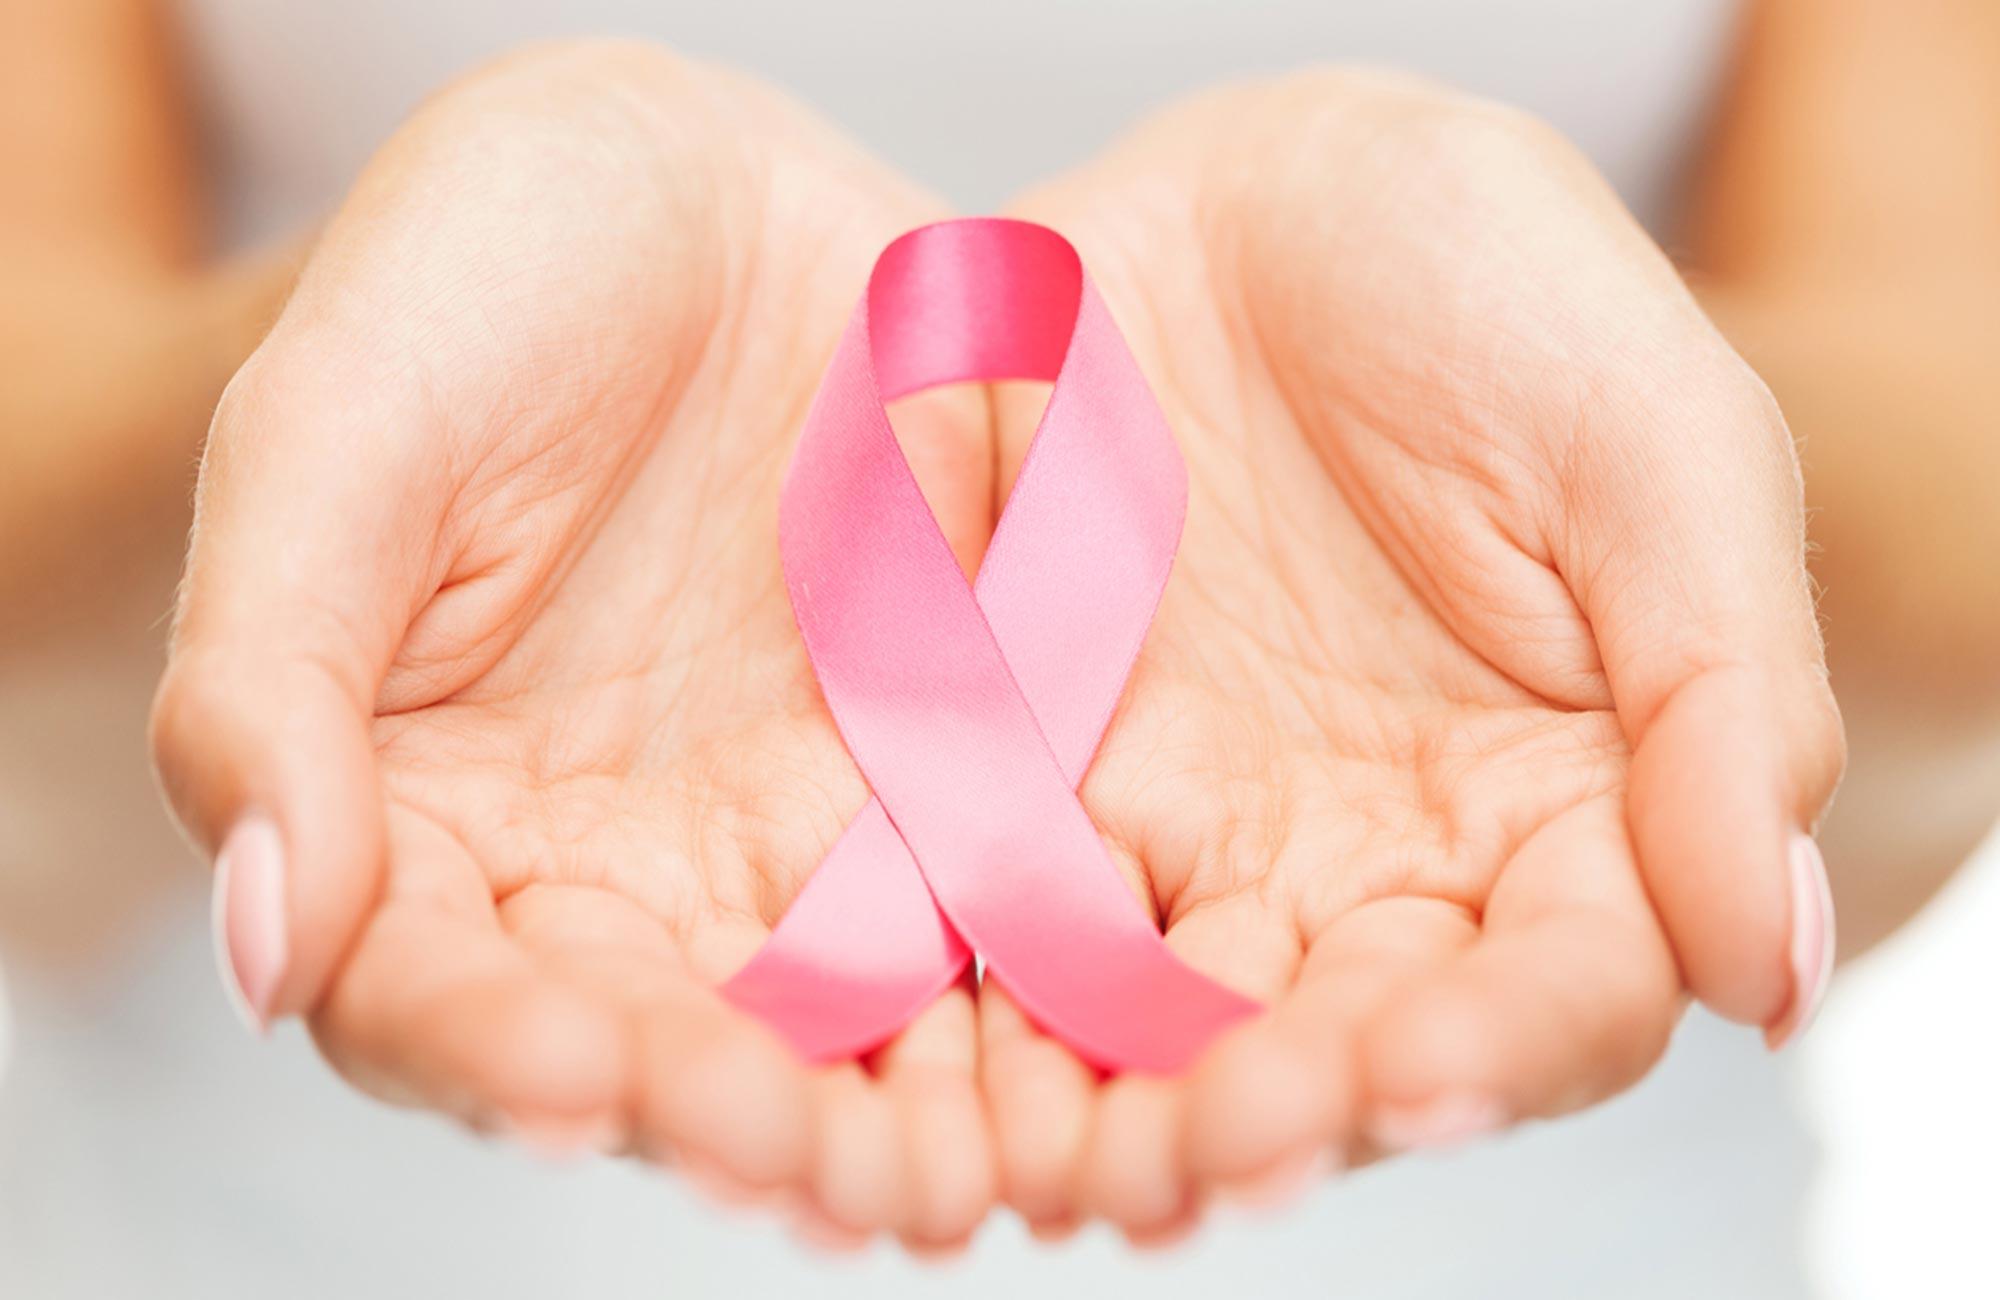 صبغات ومخفّفات الشعر تزيد خطر سرطان الثدي